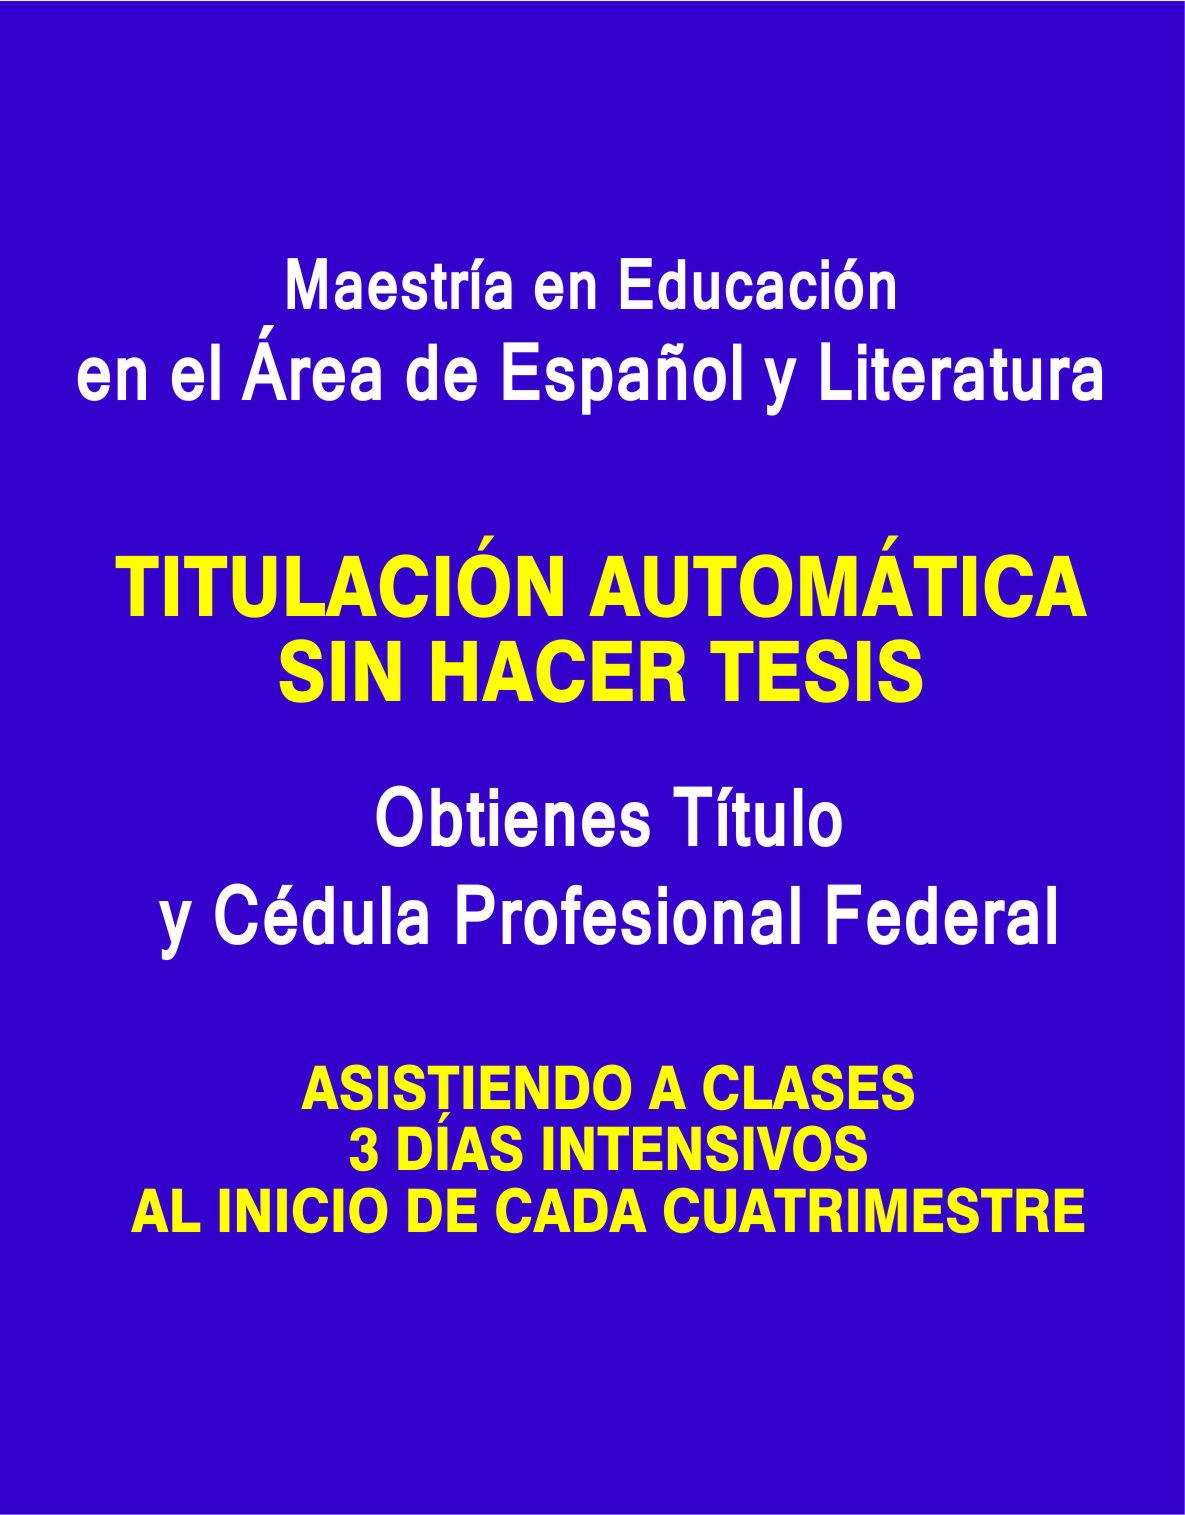 RVOE oficial: Maestría en Educación en el Área de Español y Literatura